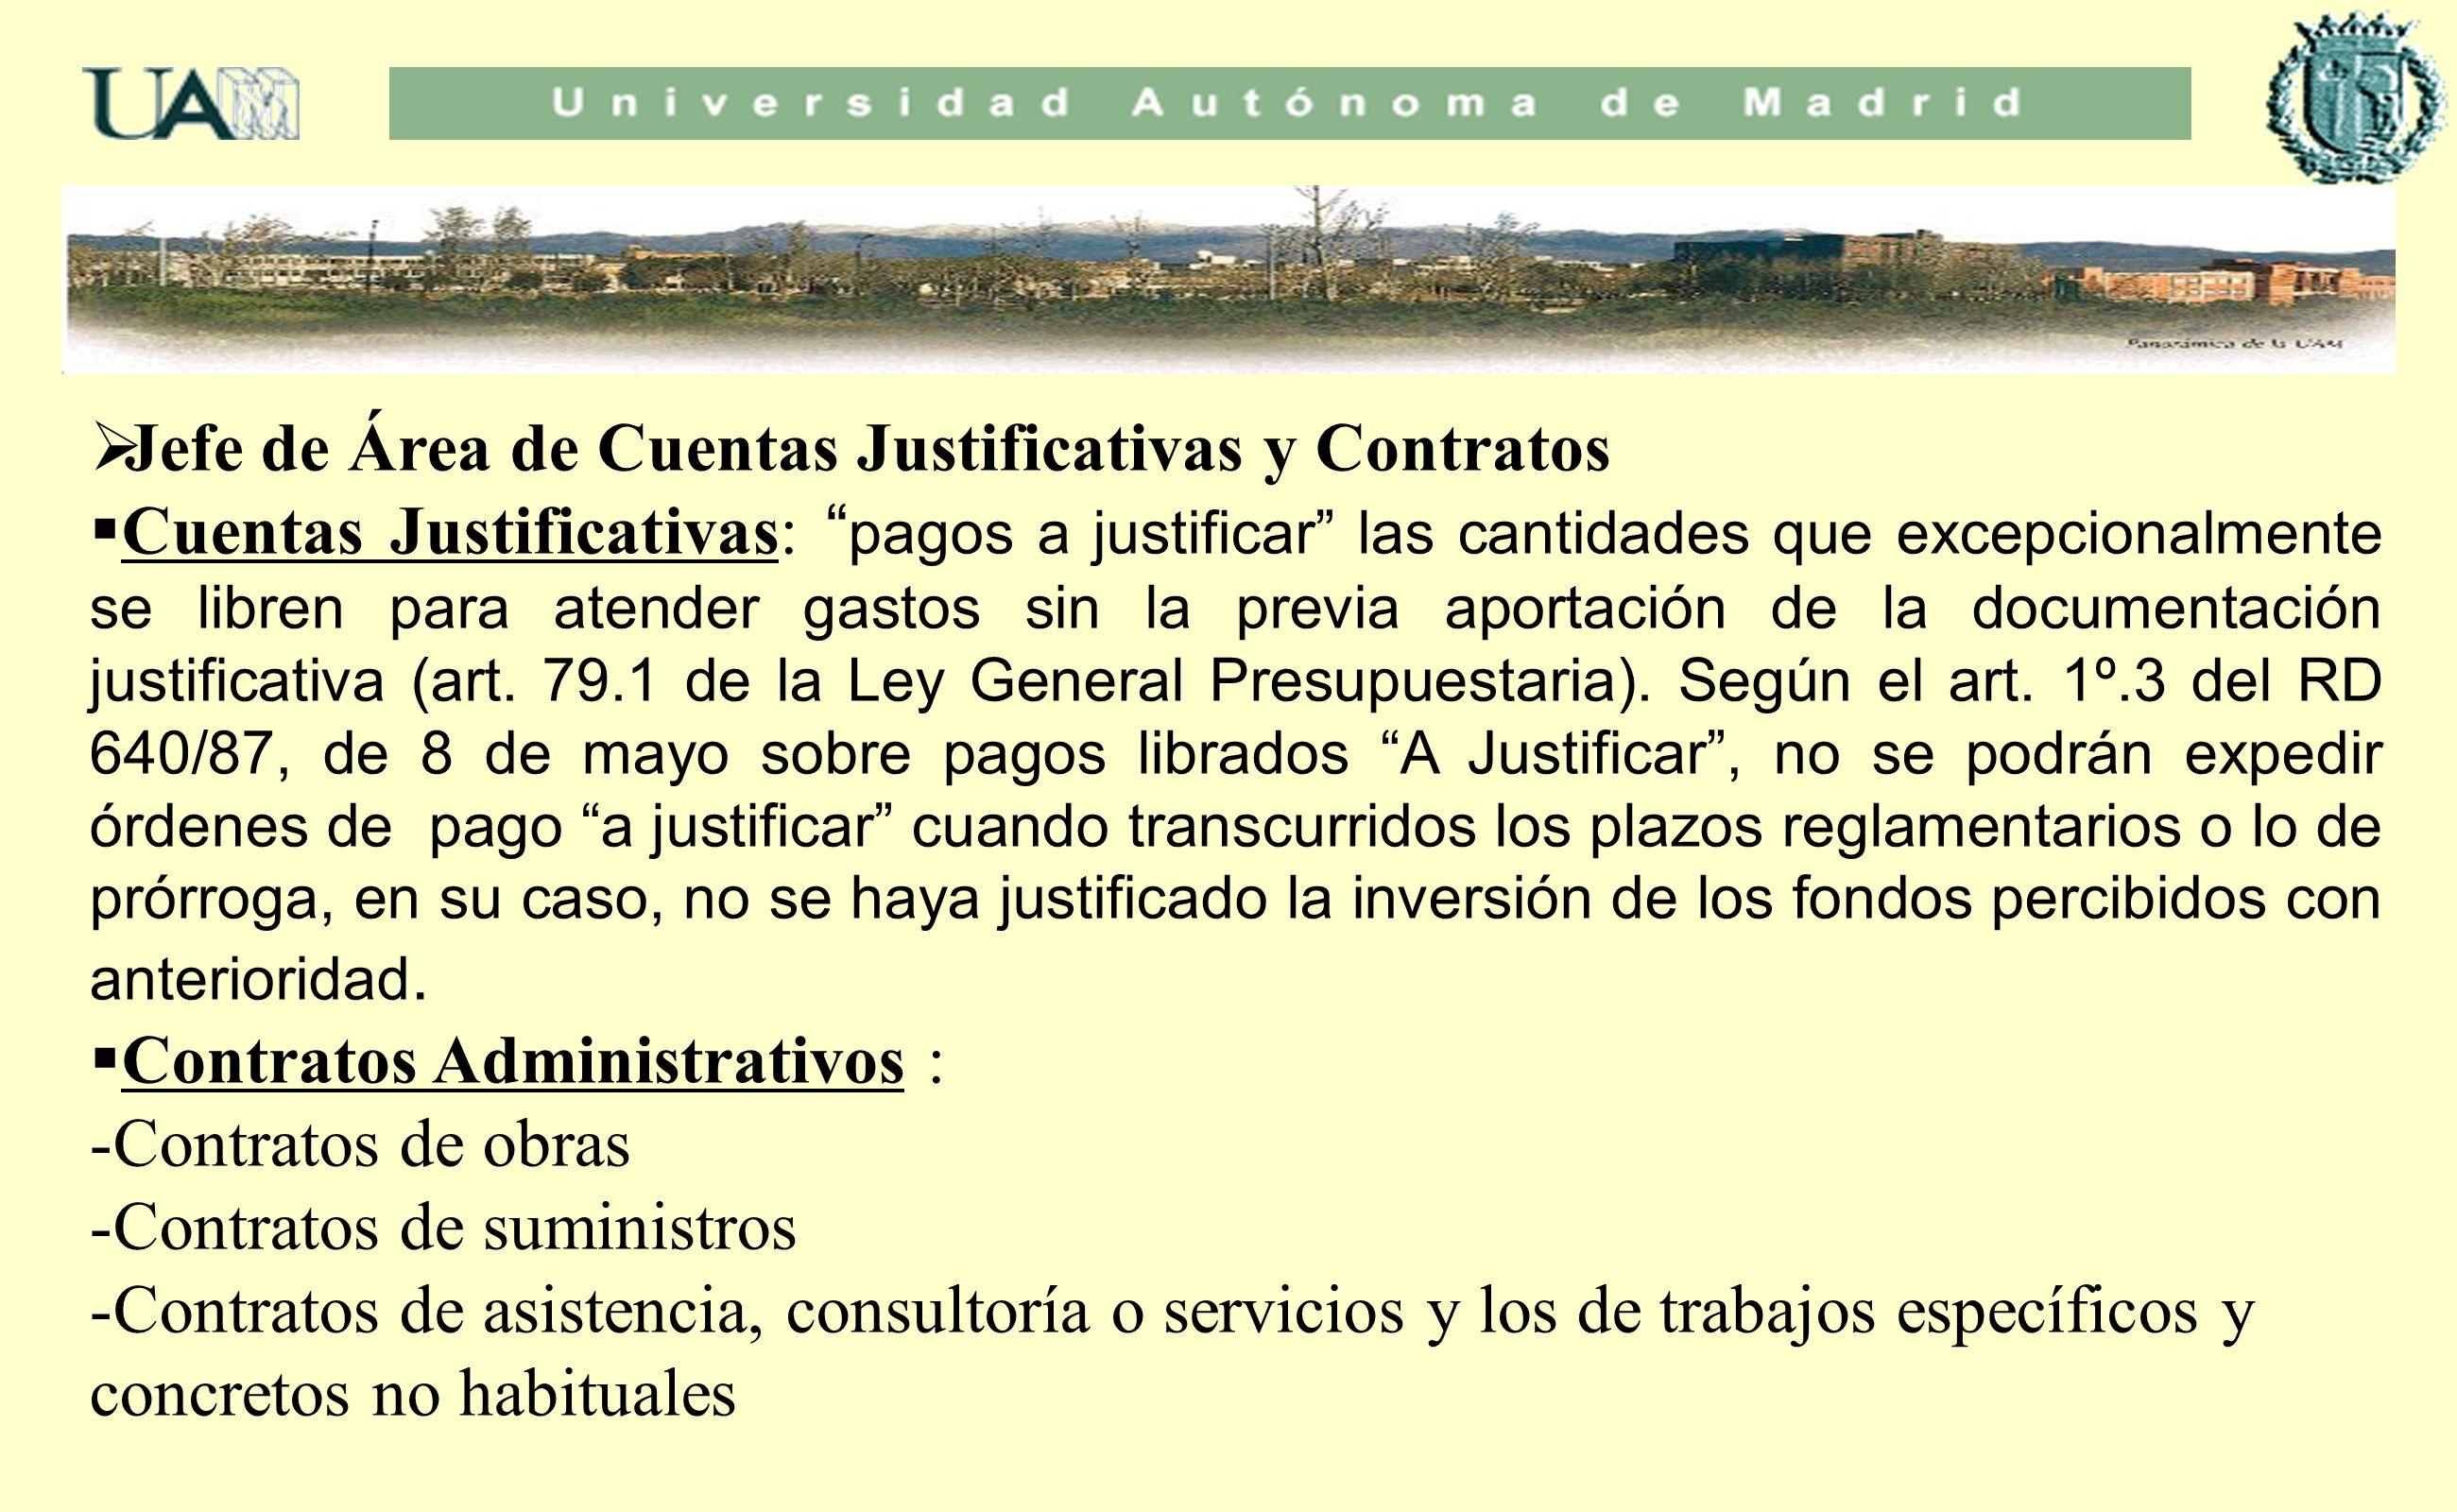 Jefe de Área de Cuentas Justificativas y Contratos